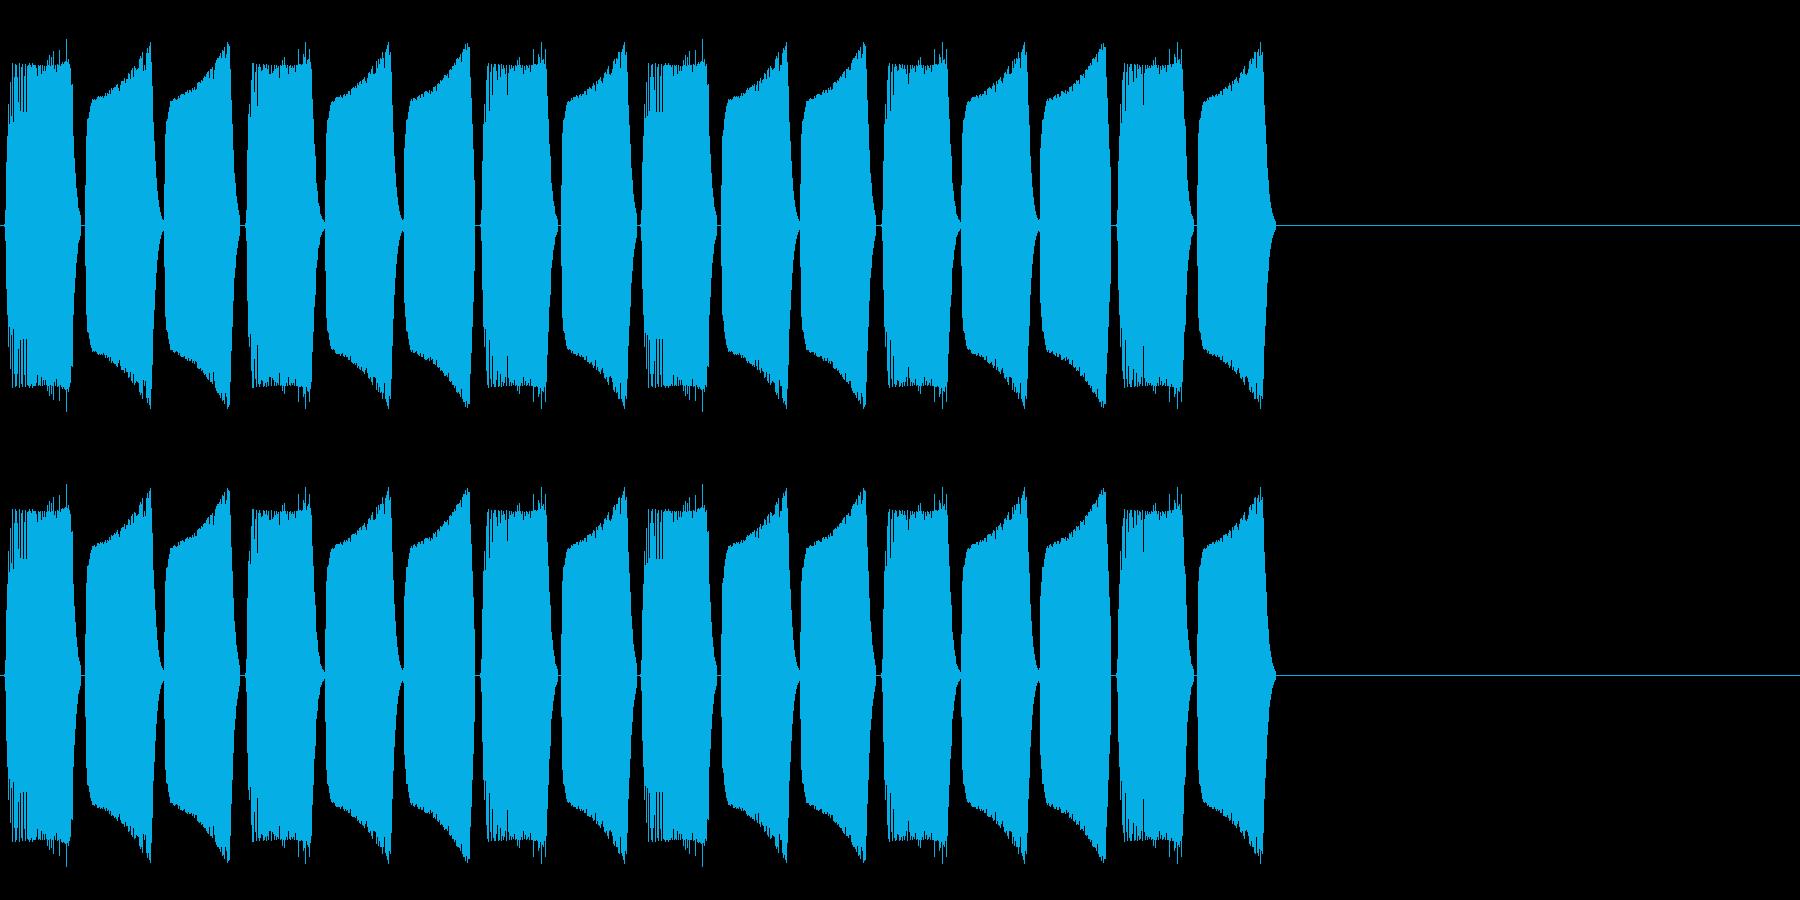 KANTブパパ自主規制音2middleの再生済みの波形